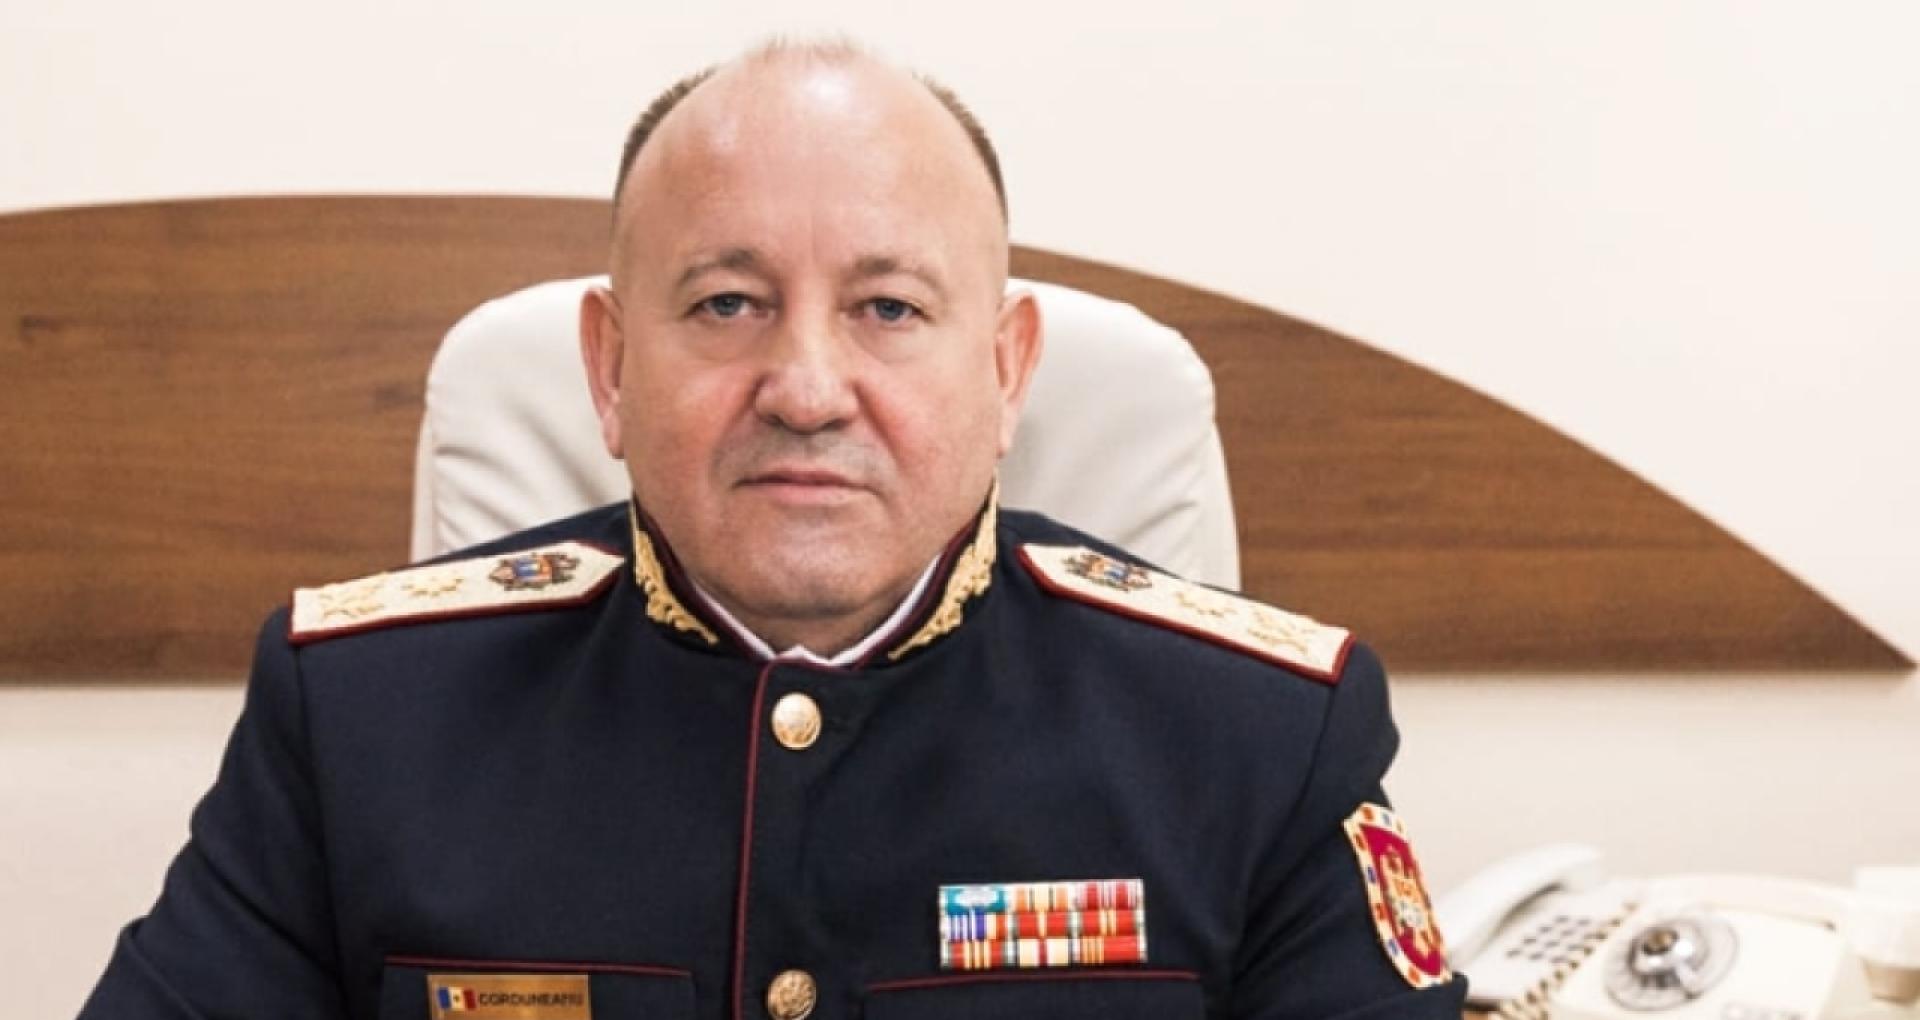 Ministrul Voicu nu își va anula ordinul prin care Corduneanu a fost numit șef adjunct al Poliției de Frontieră